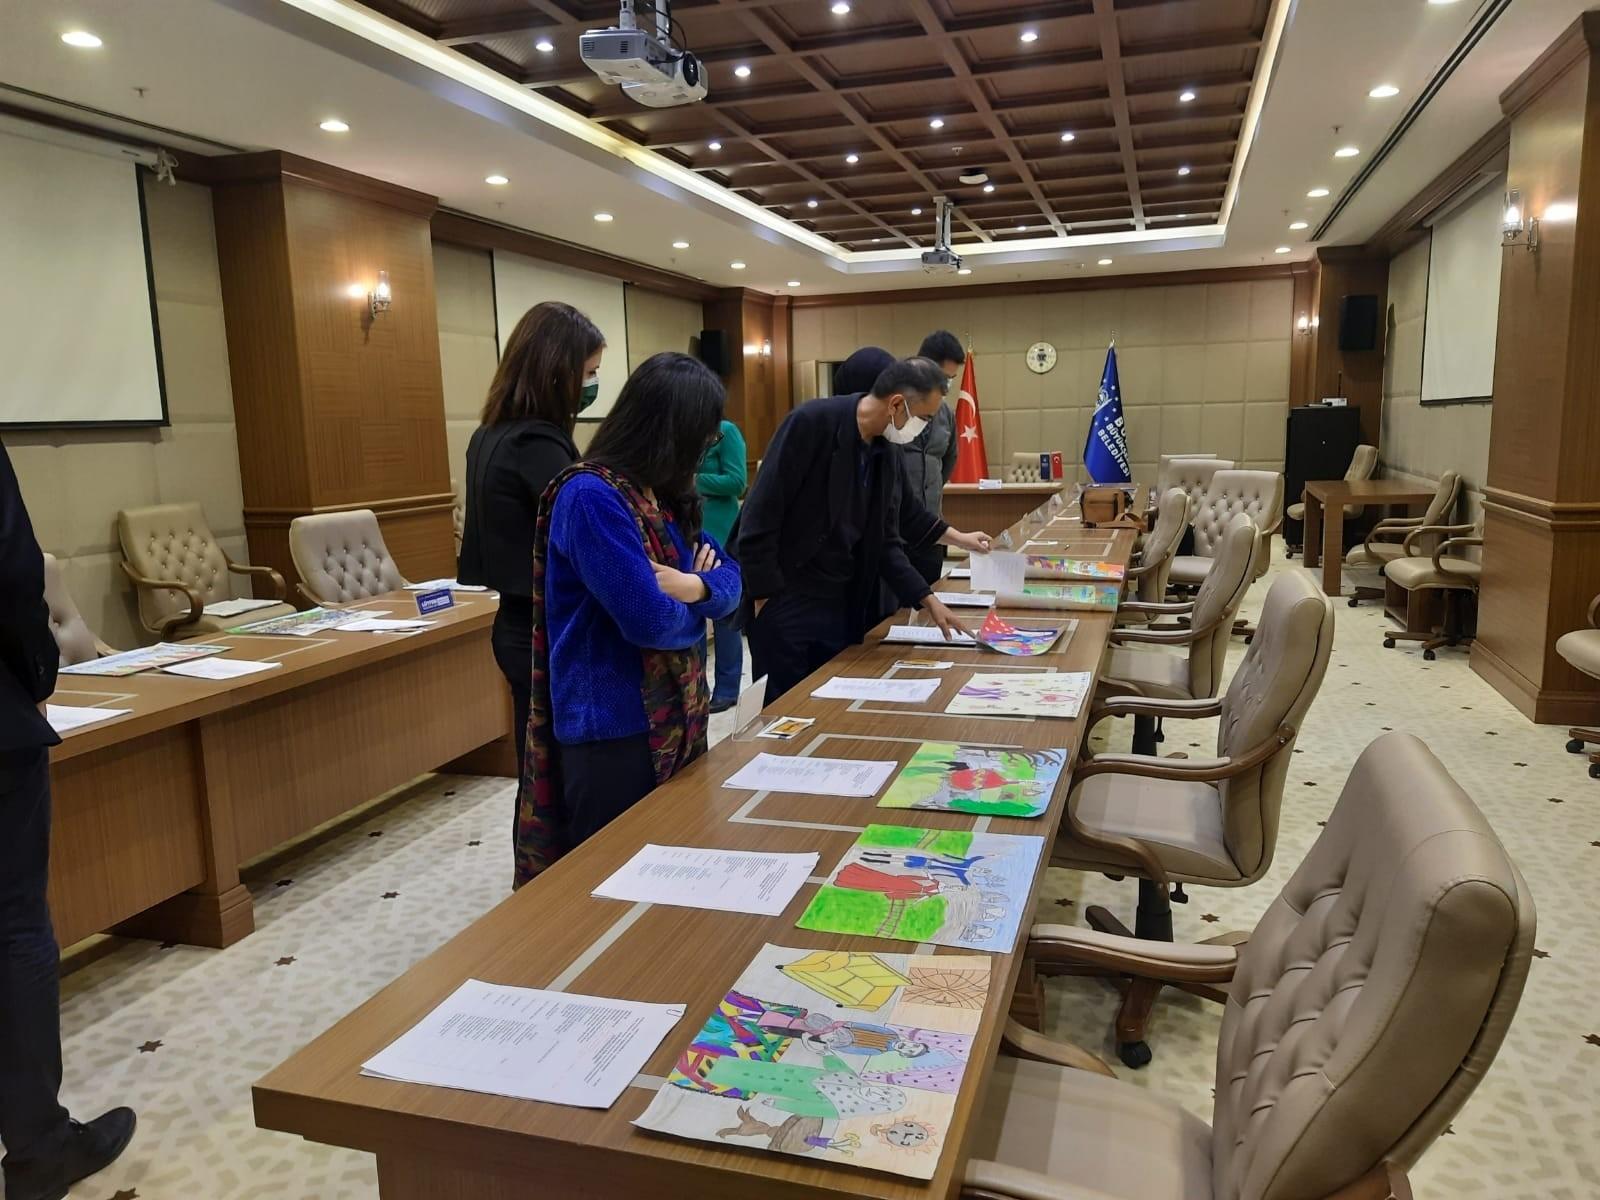 Uluslararası resim yarışmasında Bursa'dan 10 eser yarışacak, Bursa'da çocuklar gelenekleri resmetti